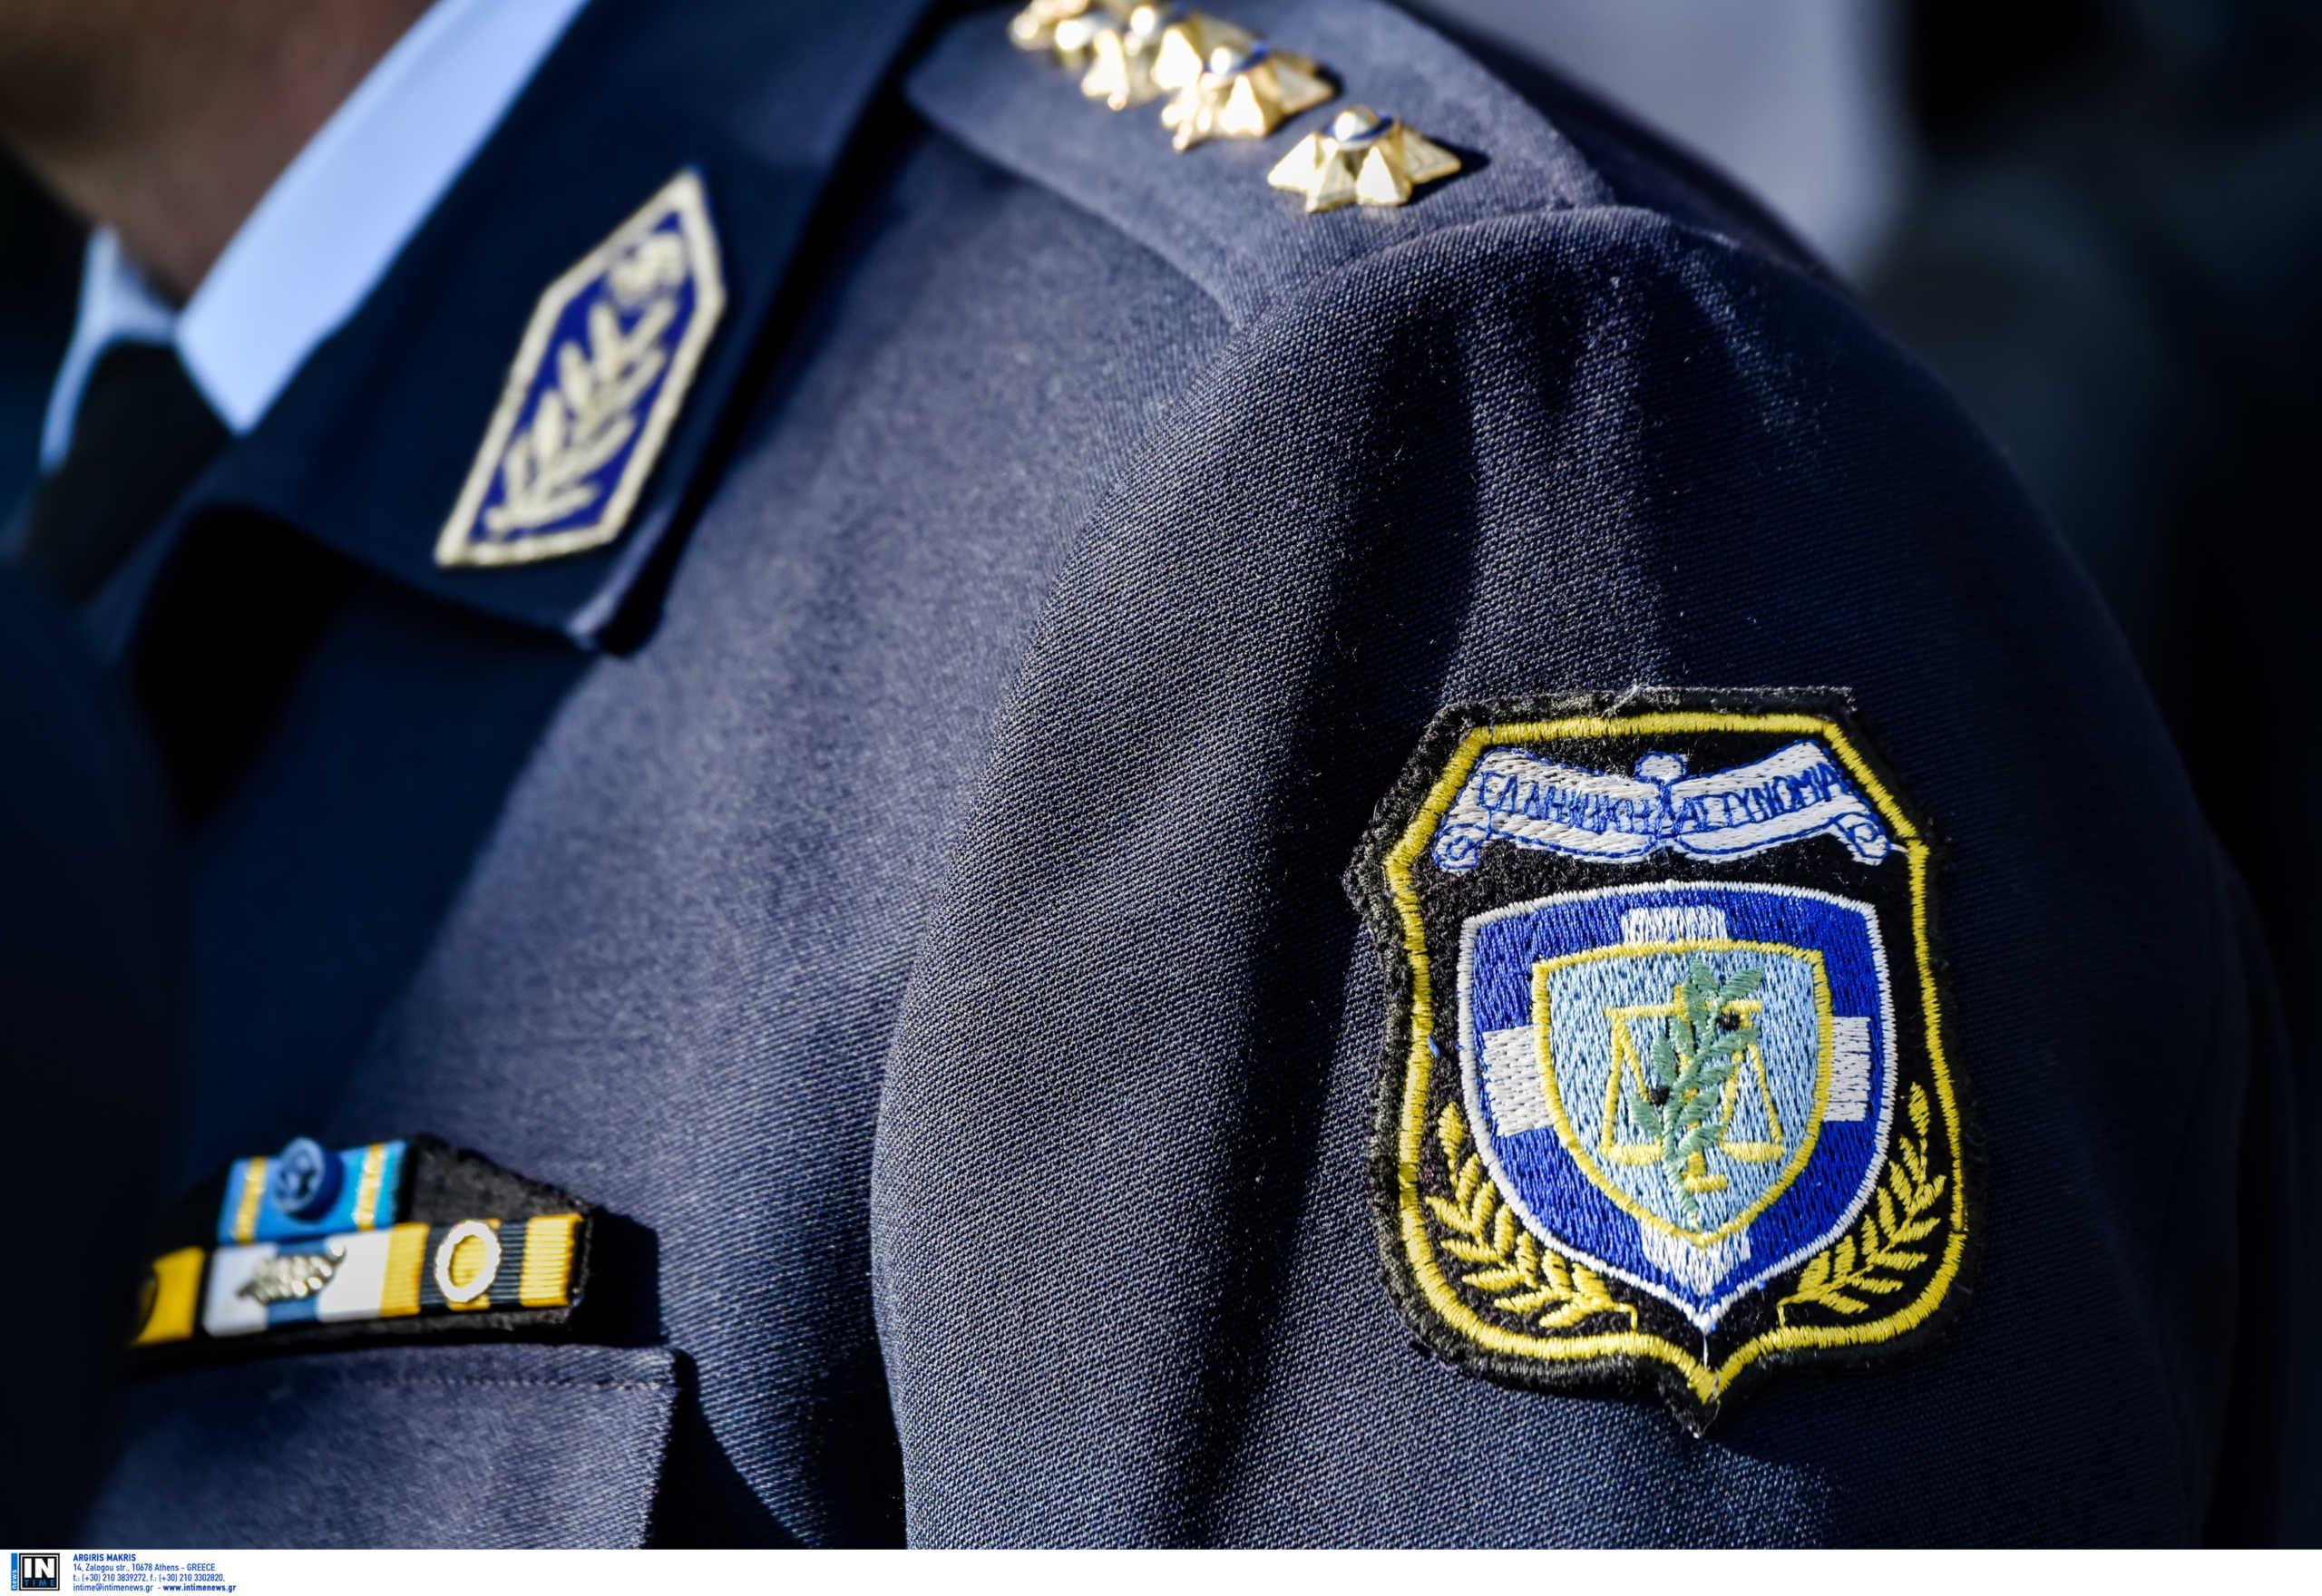 Πολλά κρούσματα κορονοϊού στην Αστυνομία – 70 σε καραντίνα στην Πυροσβεστική